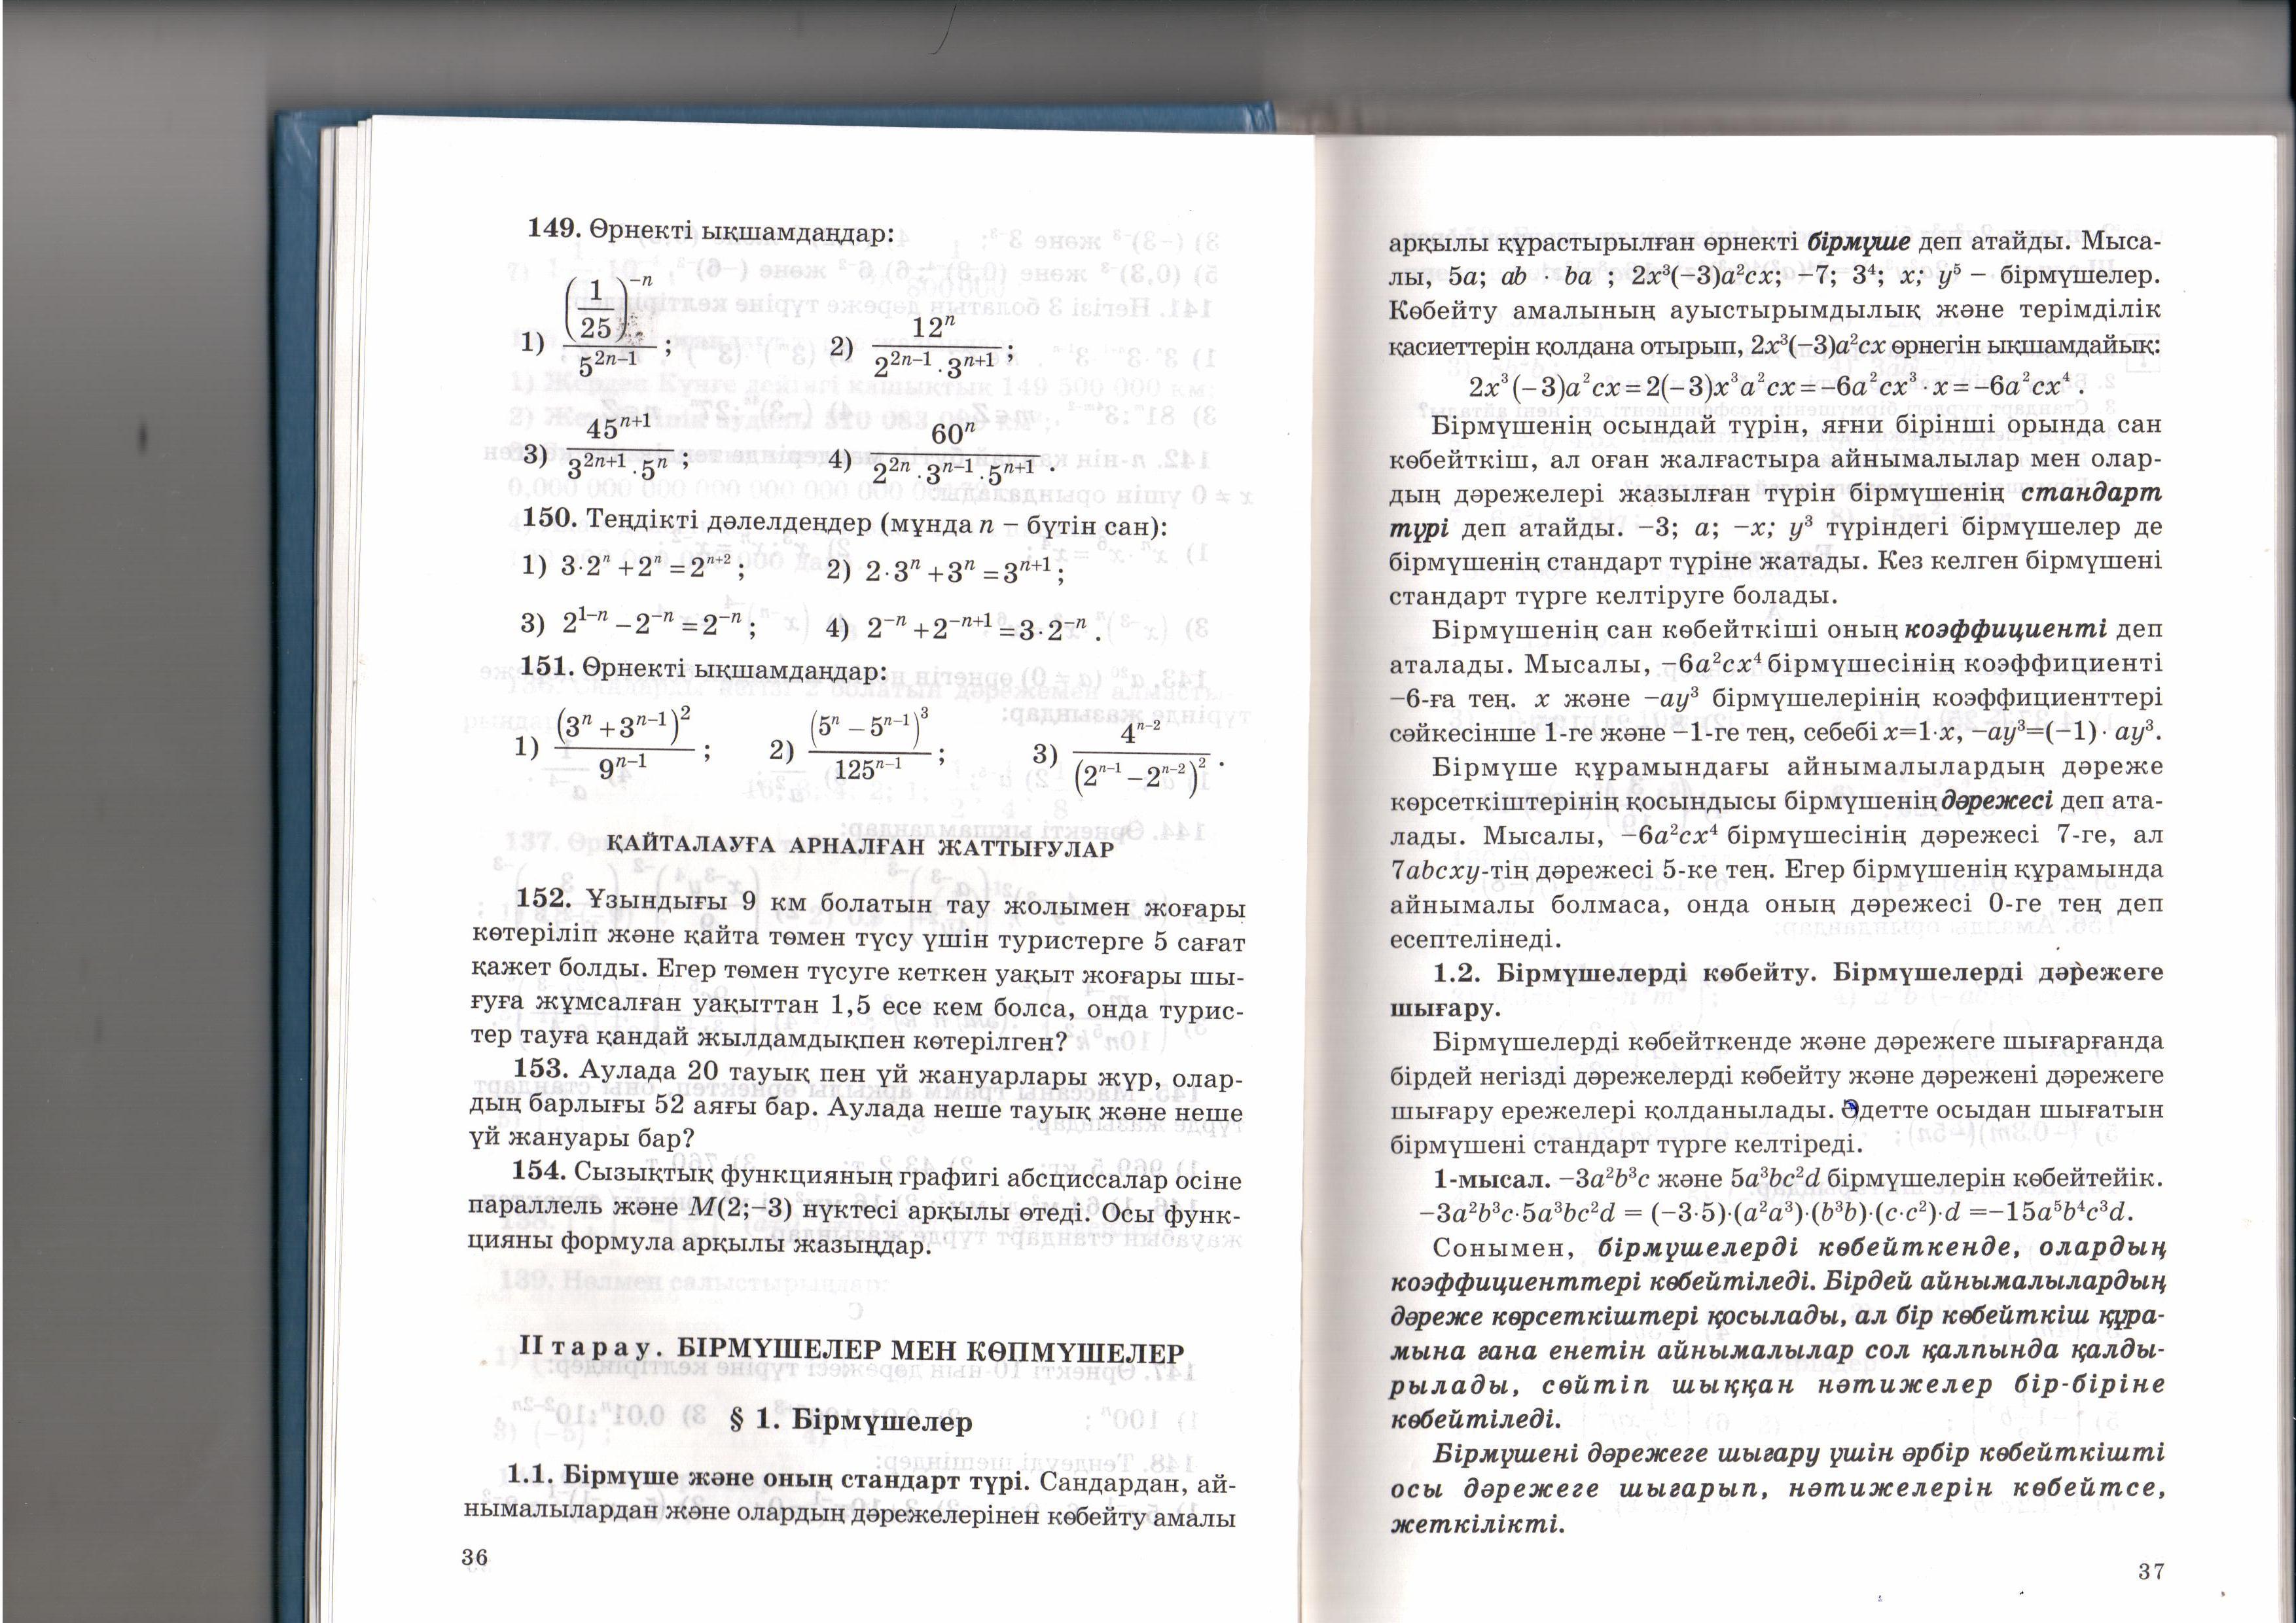 C:\Users\Admin\Desktop\Менім жұмысым\сканер книги\7 класс\20140823_093315.jpg